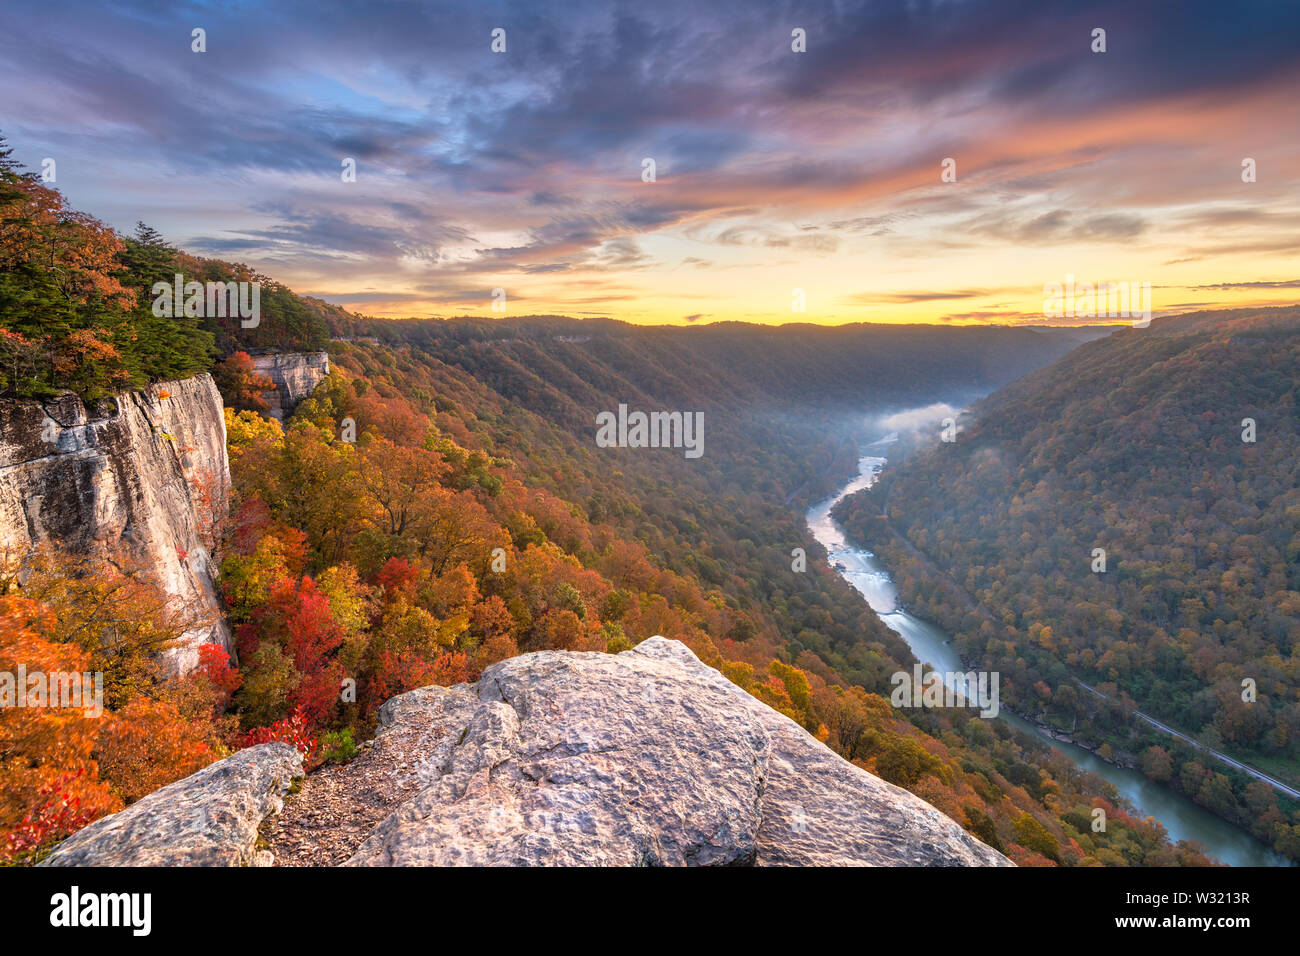 New River Gorge, à l'Ouest, VIRGNIA USA matin d'automne paysage au mur sans fin. Photo Stock